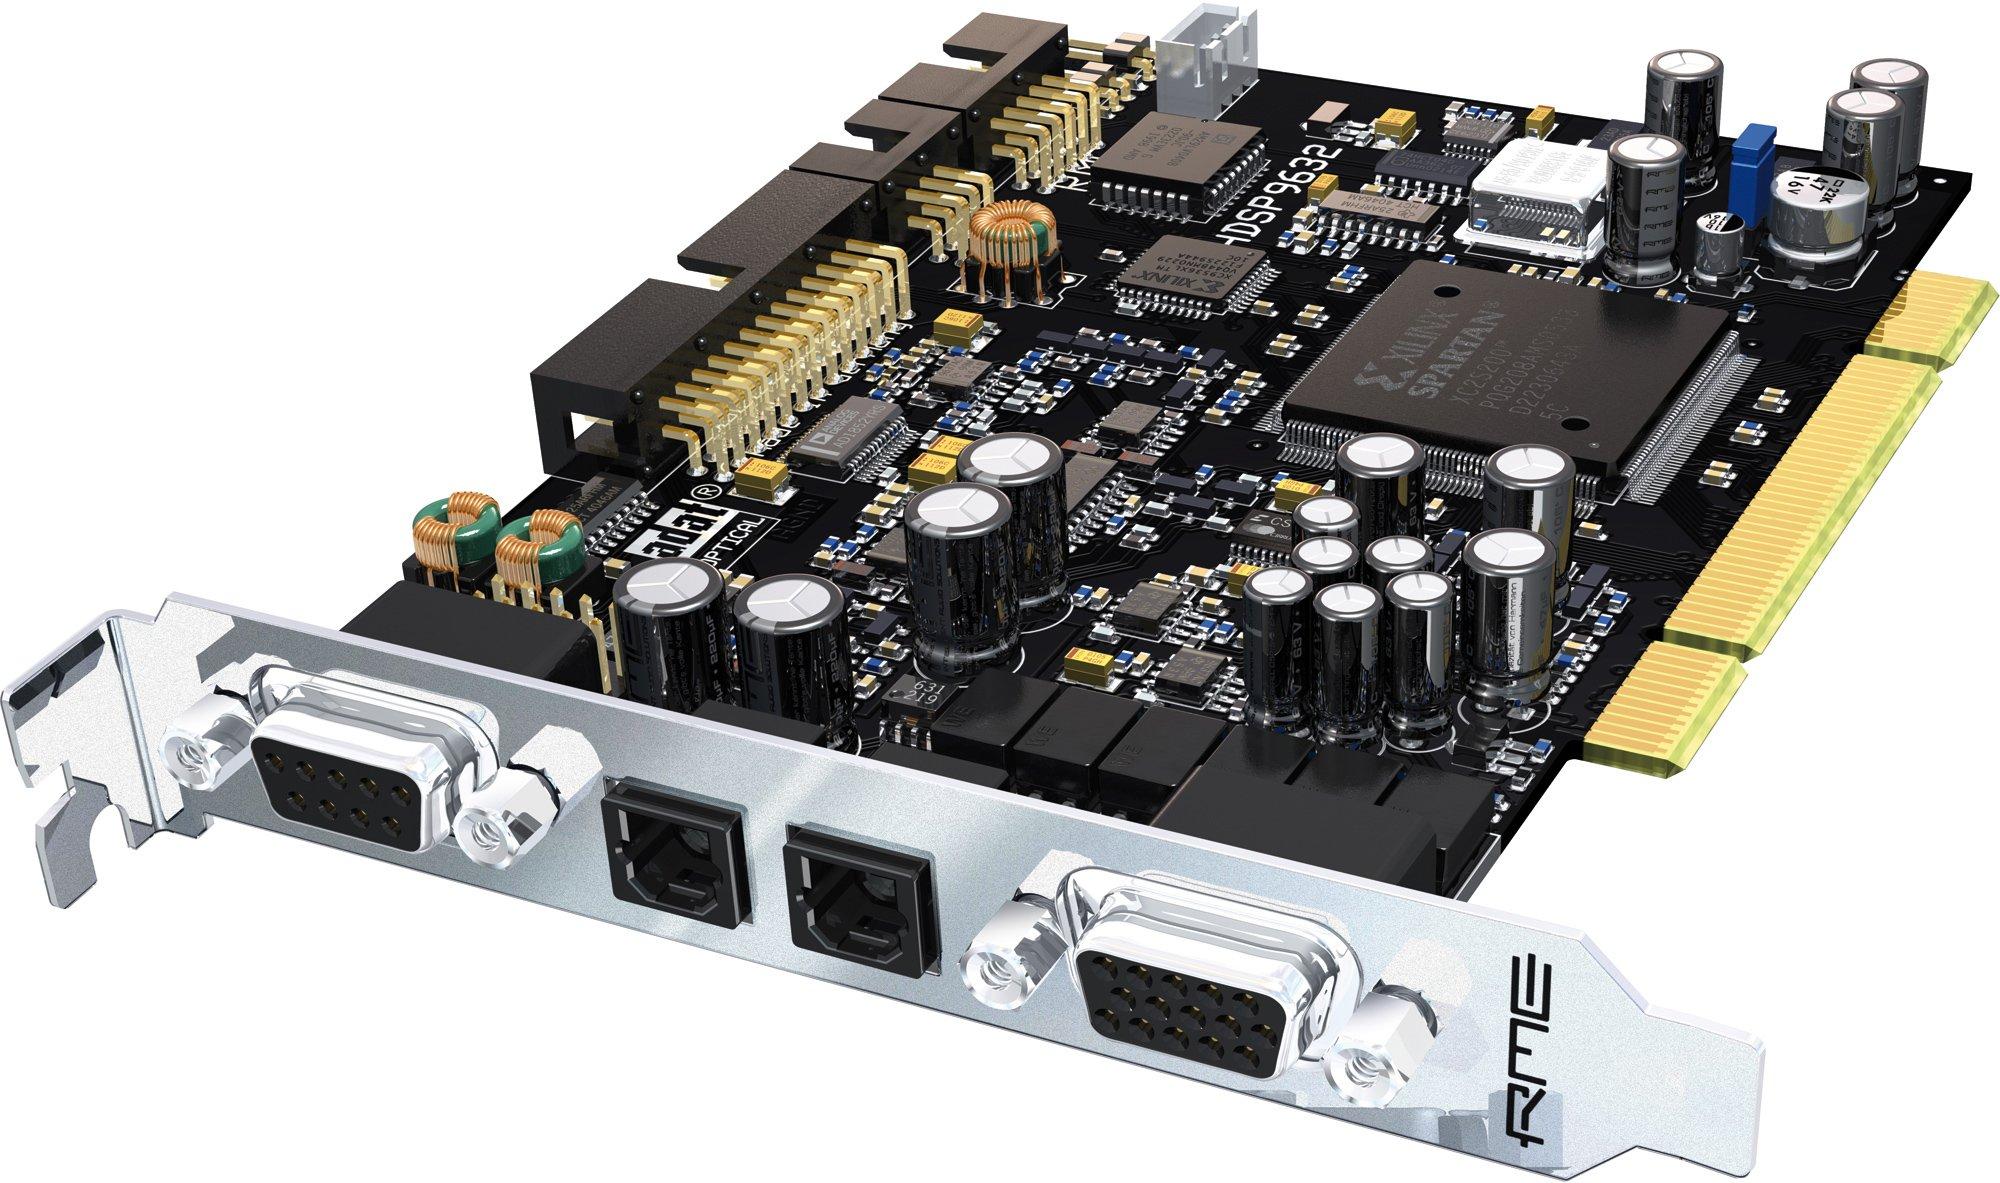 RME HDSP 9632 PCI audio interface, 32-Channel 24-Bit/192kHz